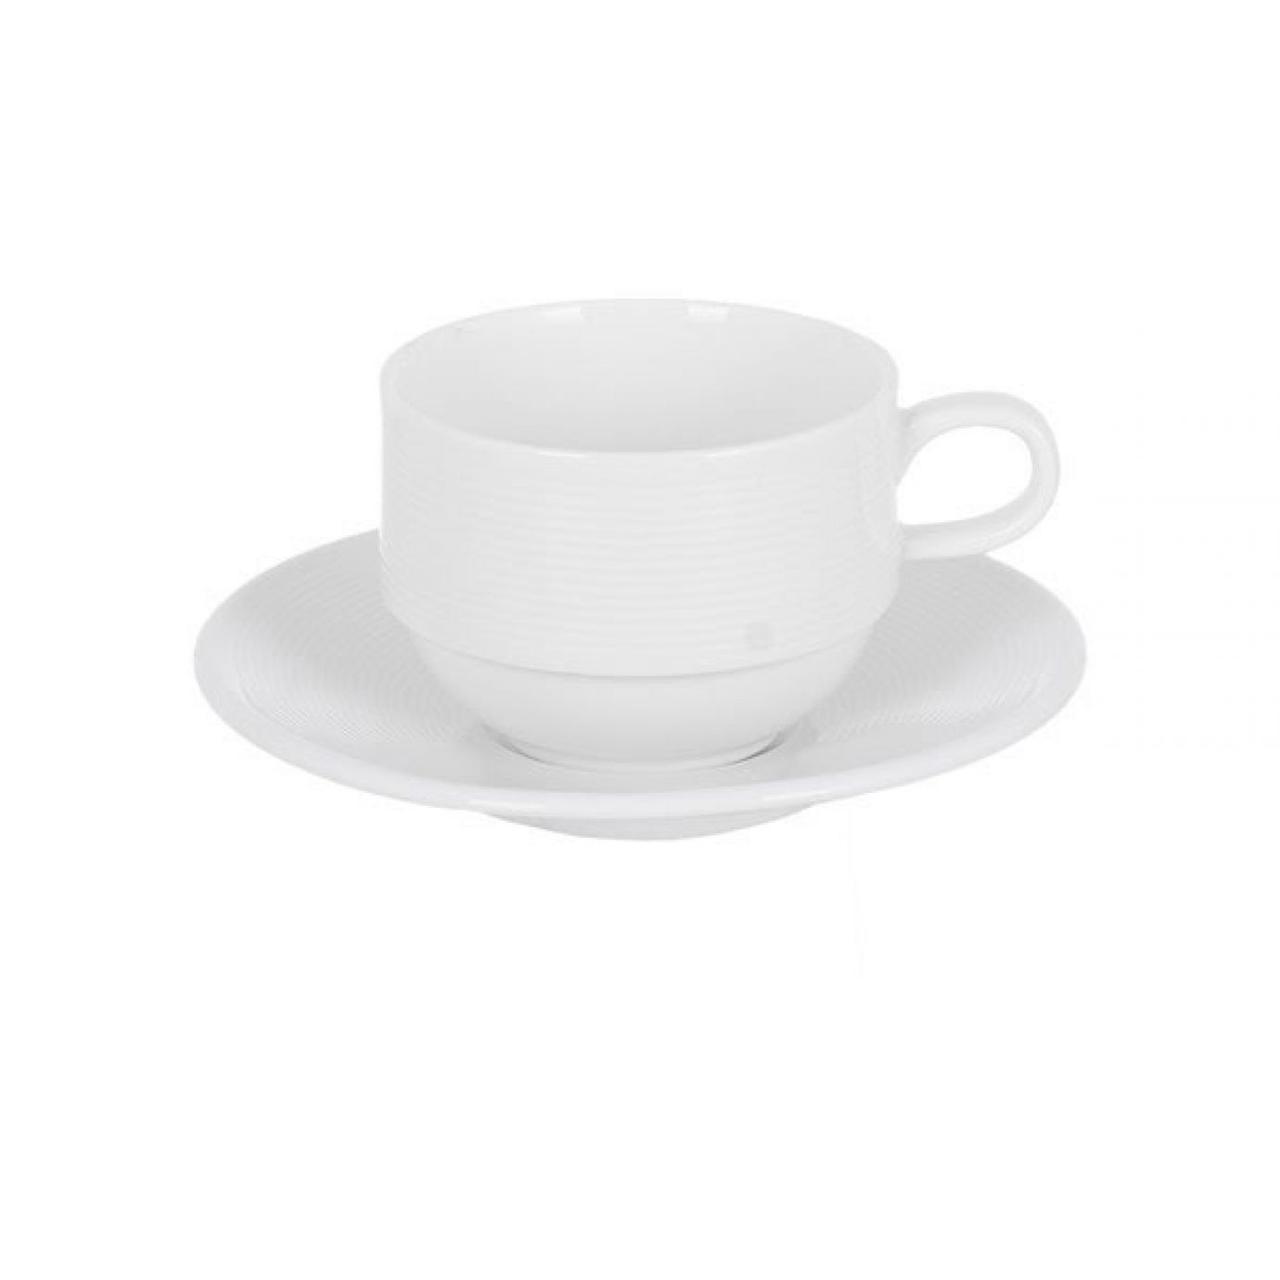 """Набір чашок керам. (2шт) """"Luminarc. Westhill Style"""" 250мл з блюдцями 83154/WH-3105-2"""